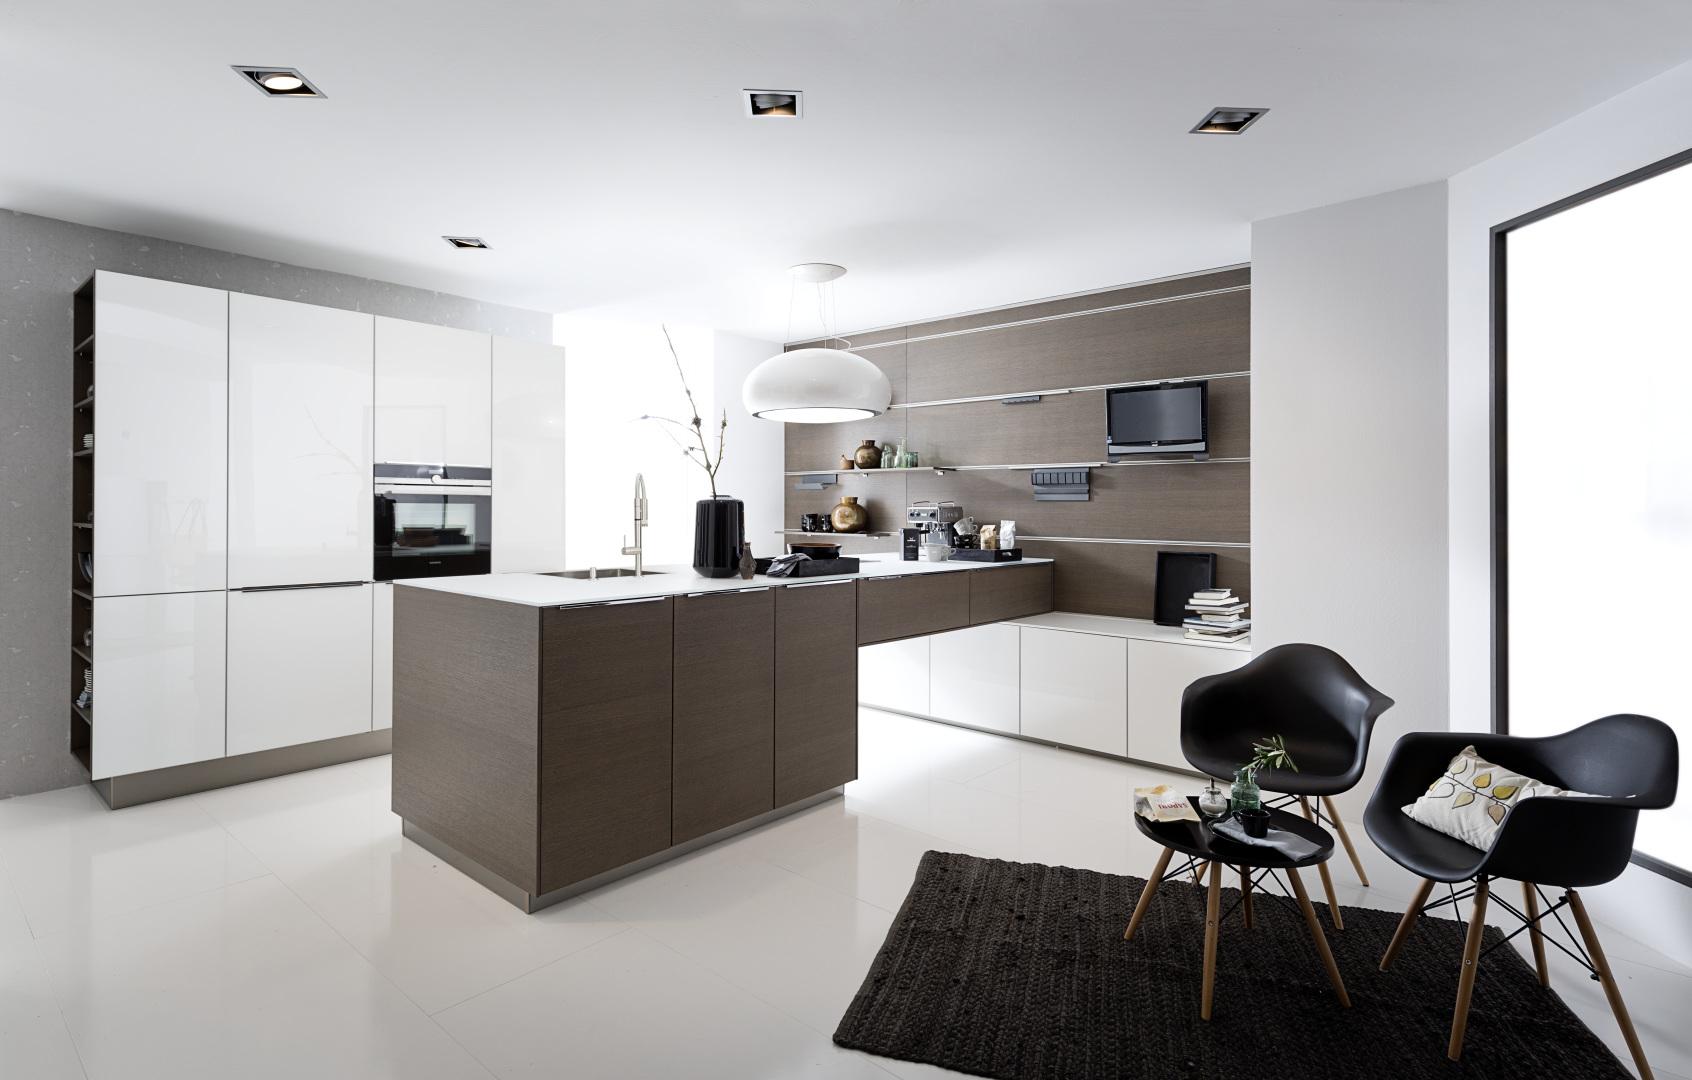 5 ideas para decorar tu cocina nueva o reformada